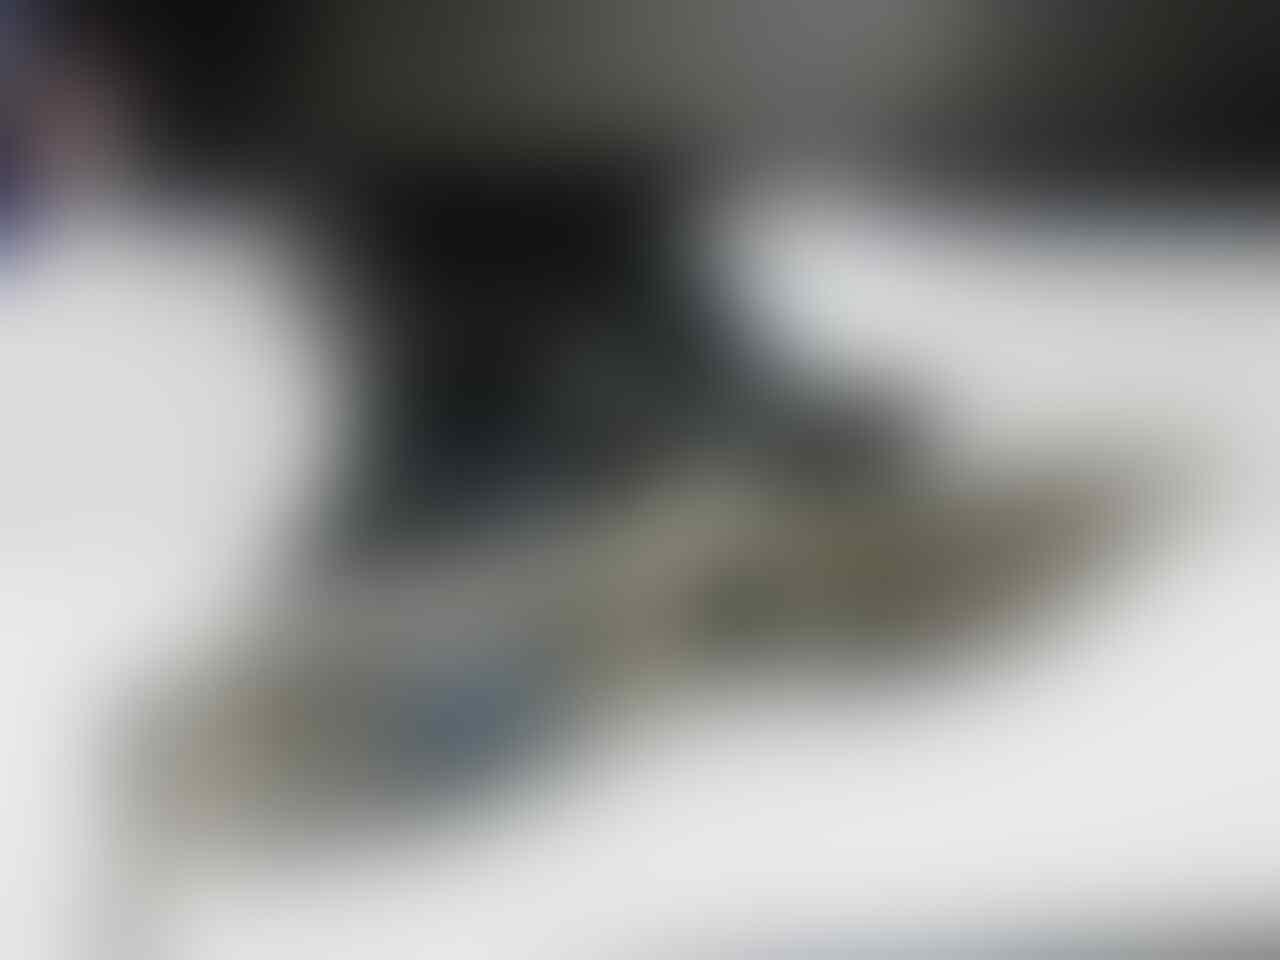 [VGA Card] NVIDIA GeForce 7200 GS [BANDUNG]